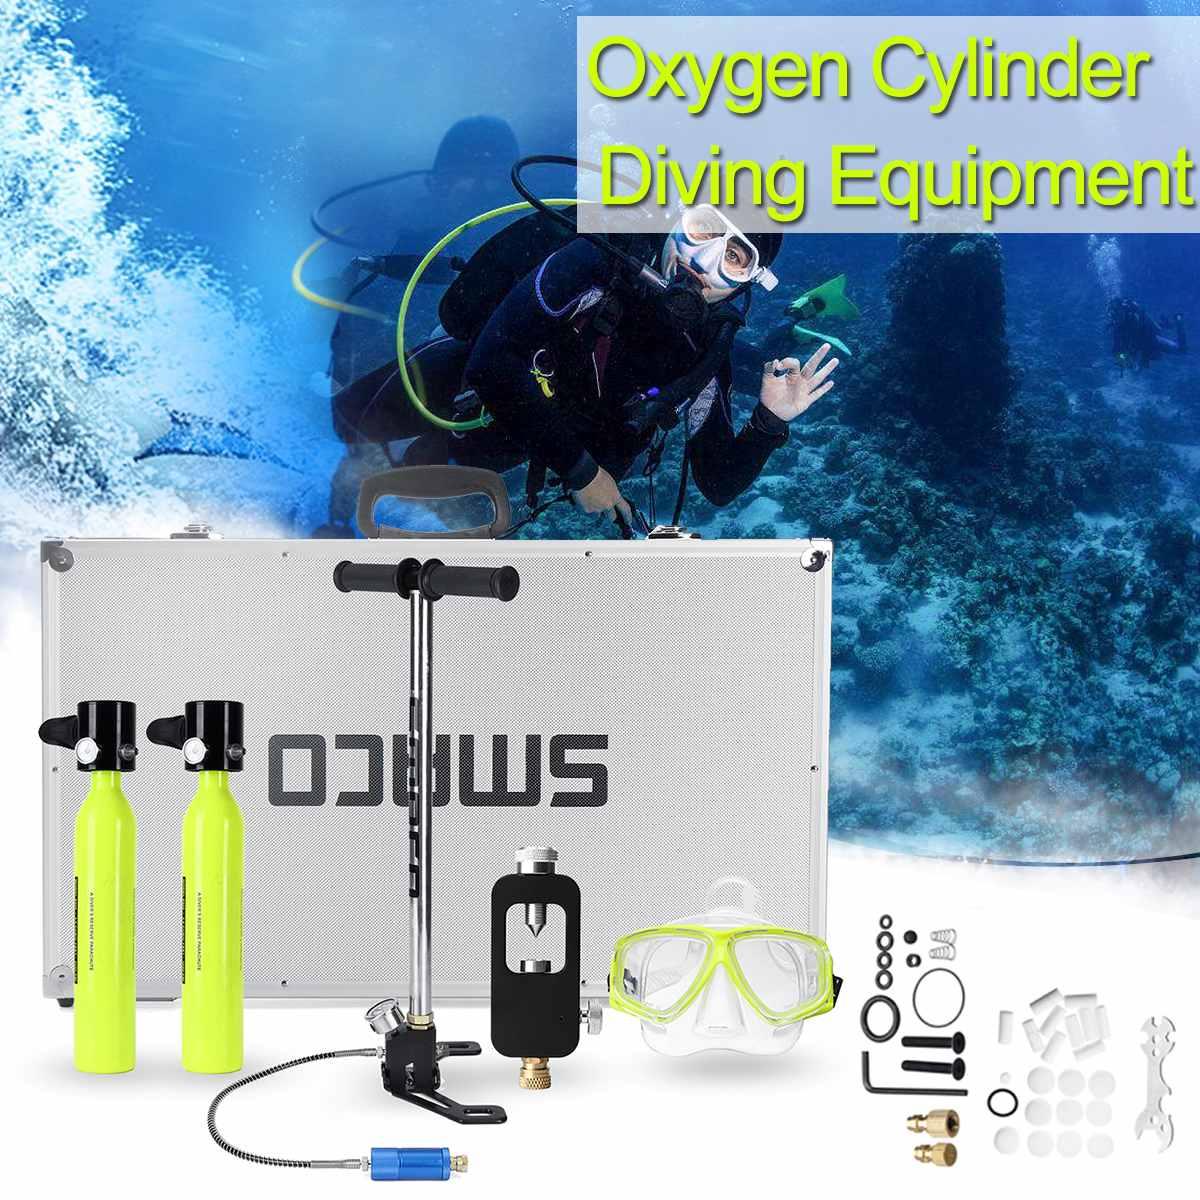 Système de plongée 500 ml Mini cylindre de plongée 6 en 1 réserve d'oxygène de plongée pompe de réservoir d'air boîte en aluminium équipement de plongée en apnée ensemble